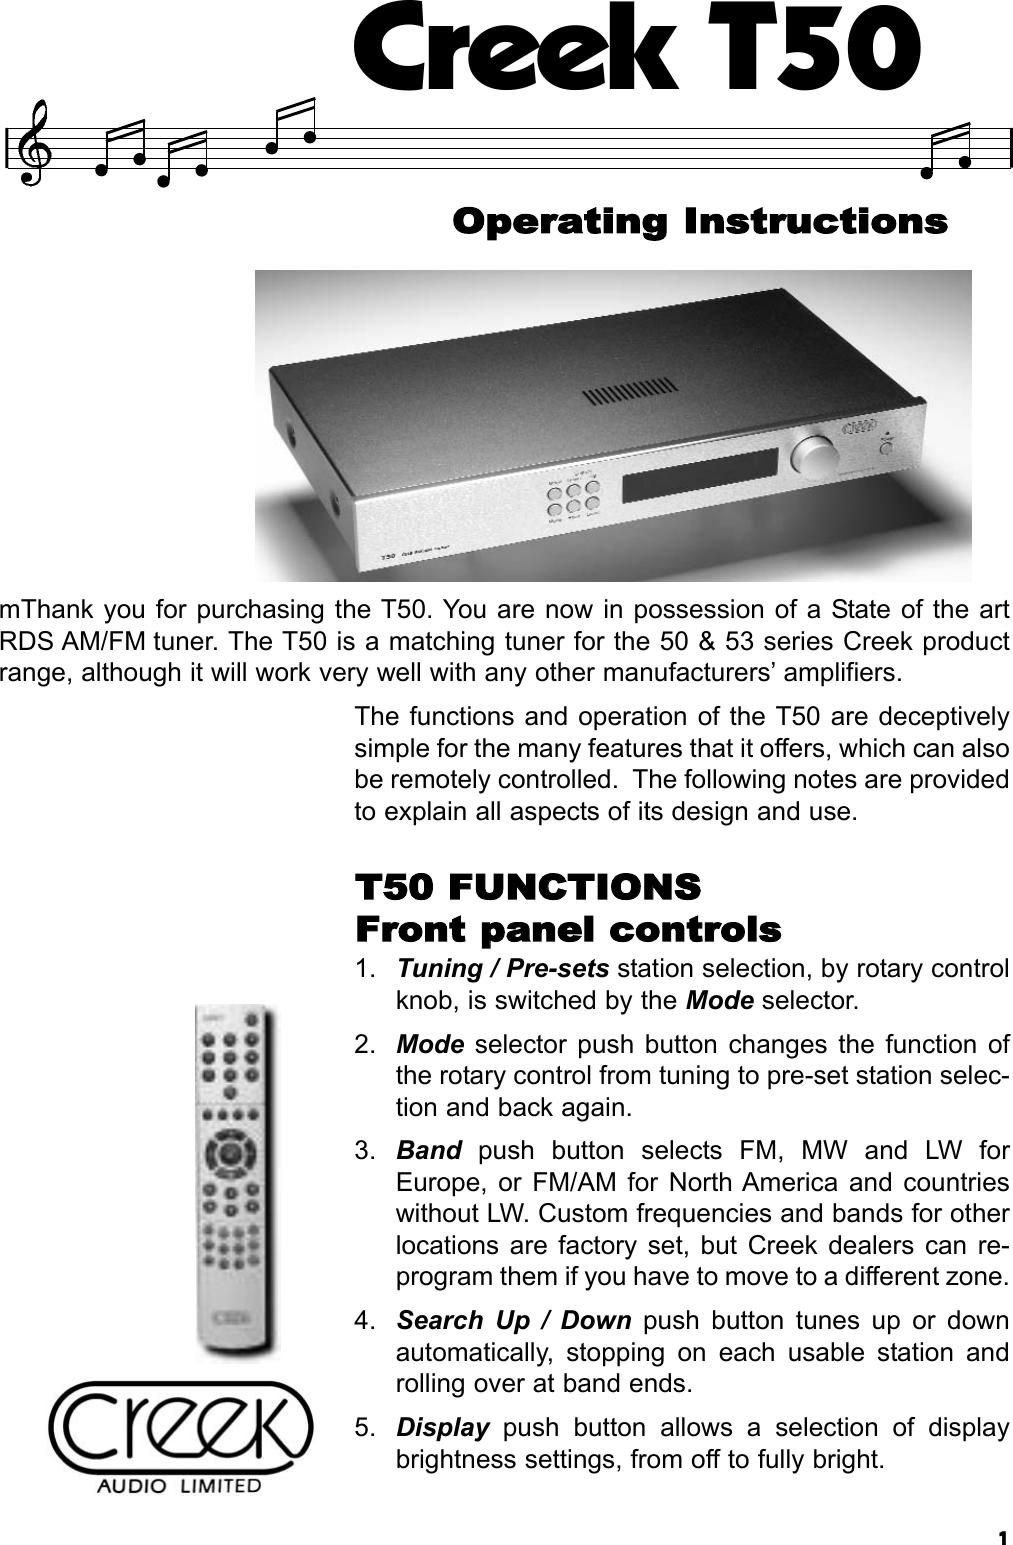 creek audio t50 users manual jacki rh usermanual wiki Vzw Phones User Guide Apple iPhone 4S Manual